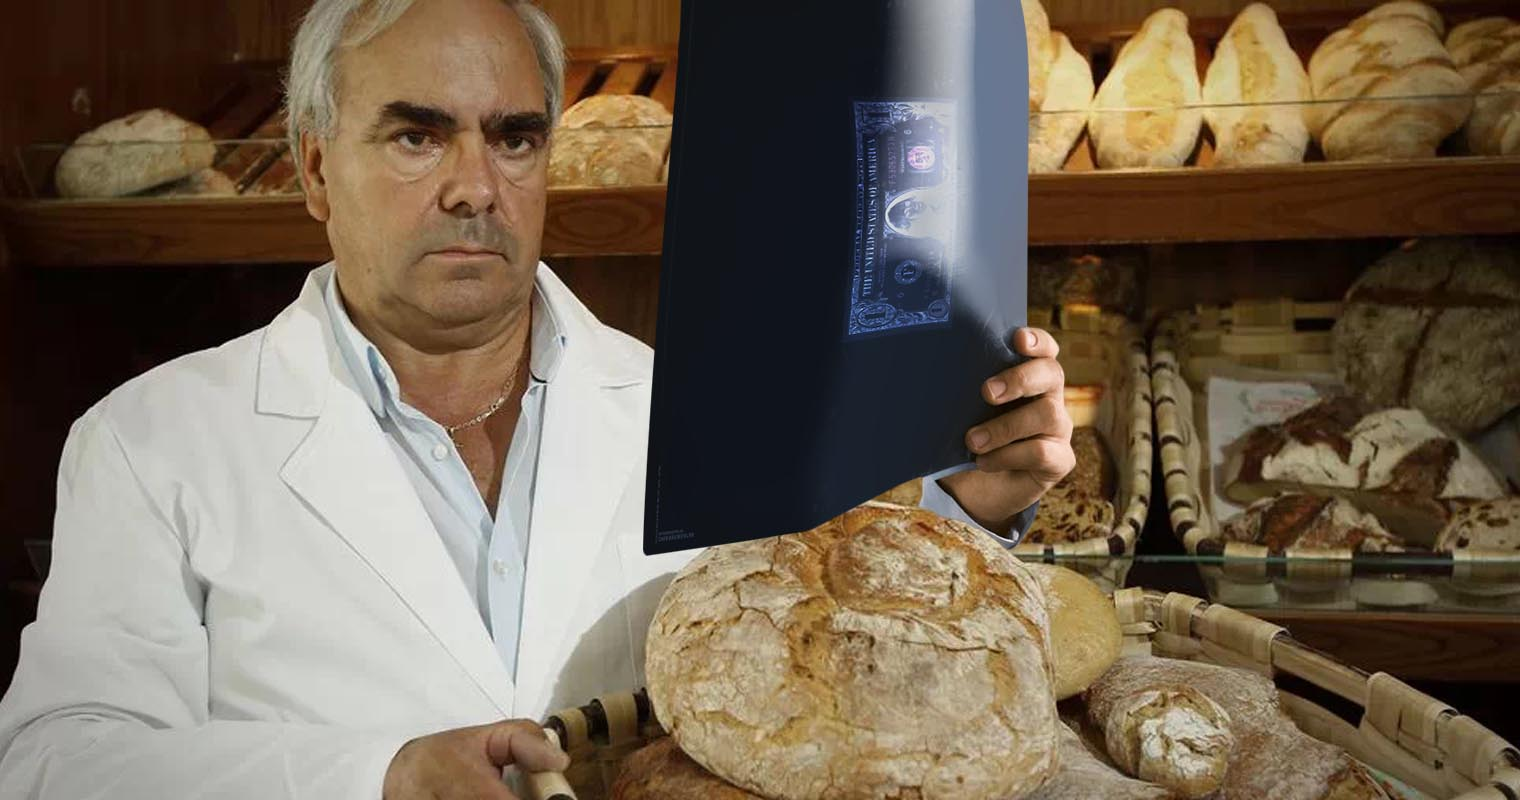 Panadería revisa dólar en efectivo aplicando resonancia magnética